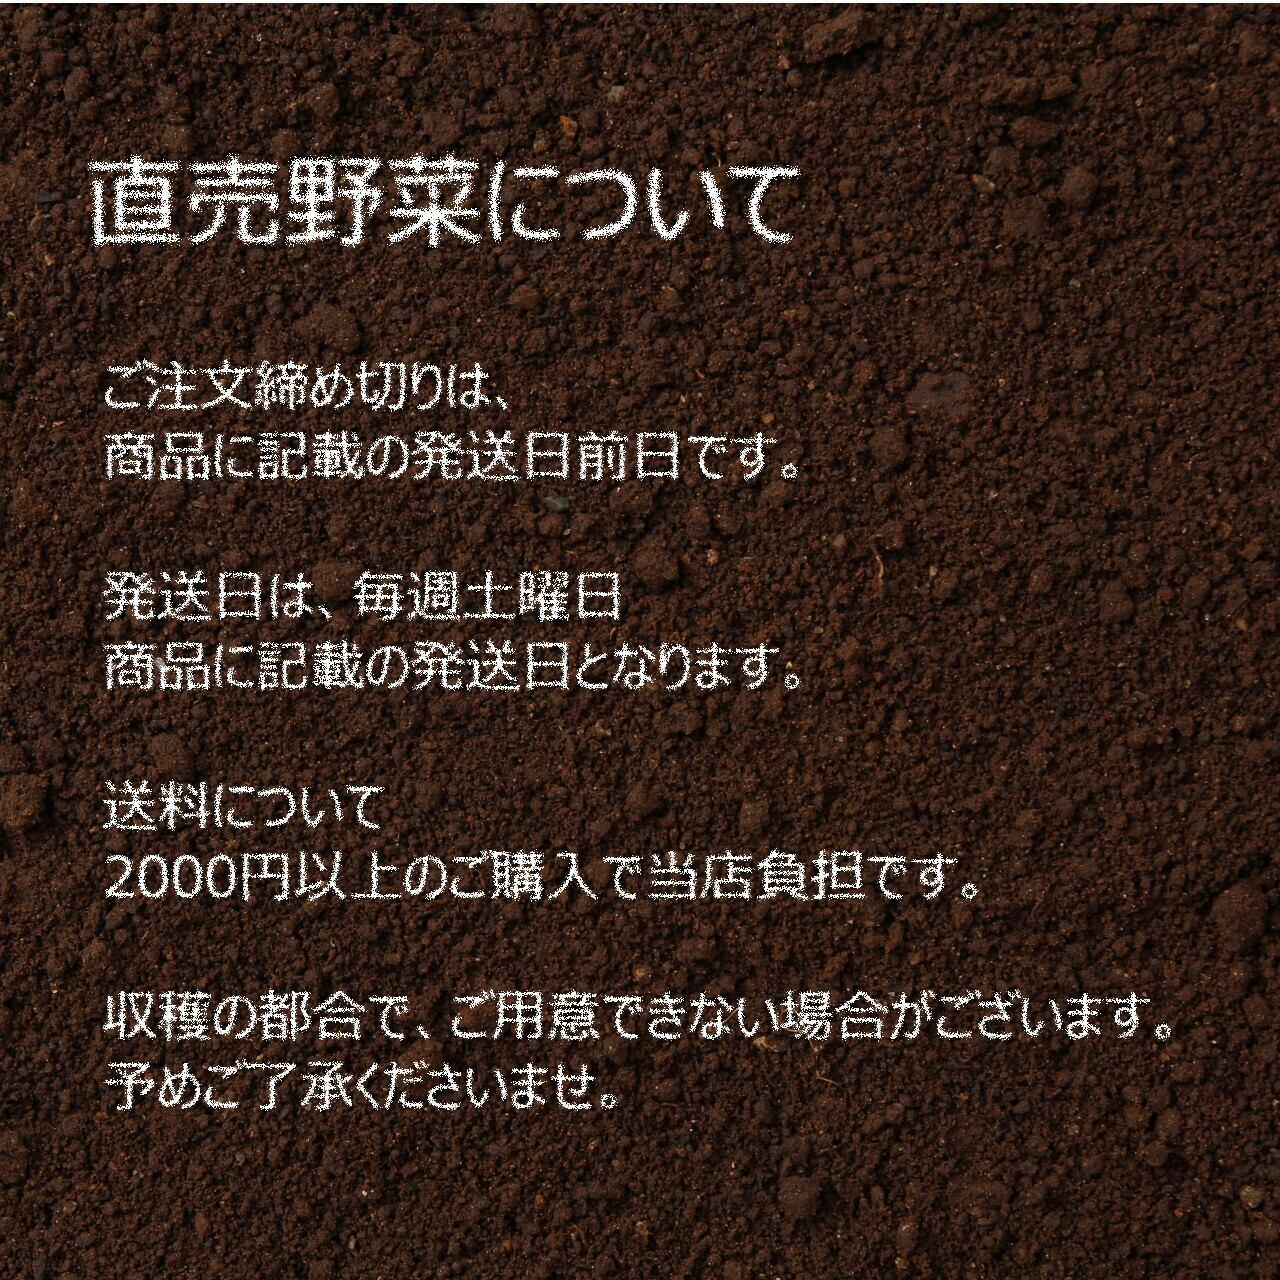 こごみ 約100g 朝採り直売野菜 山菜 新鮮な春野菜 5月上旬発送予定